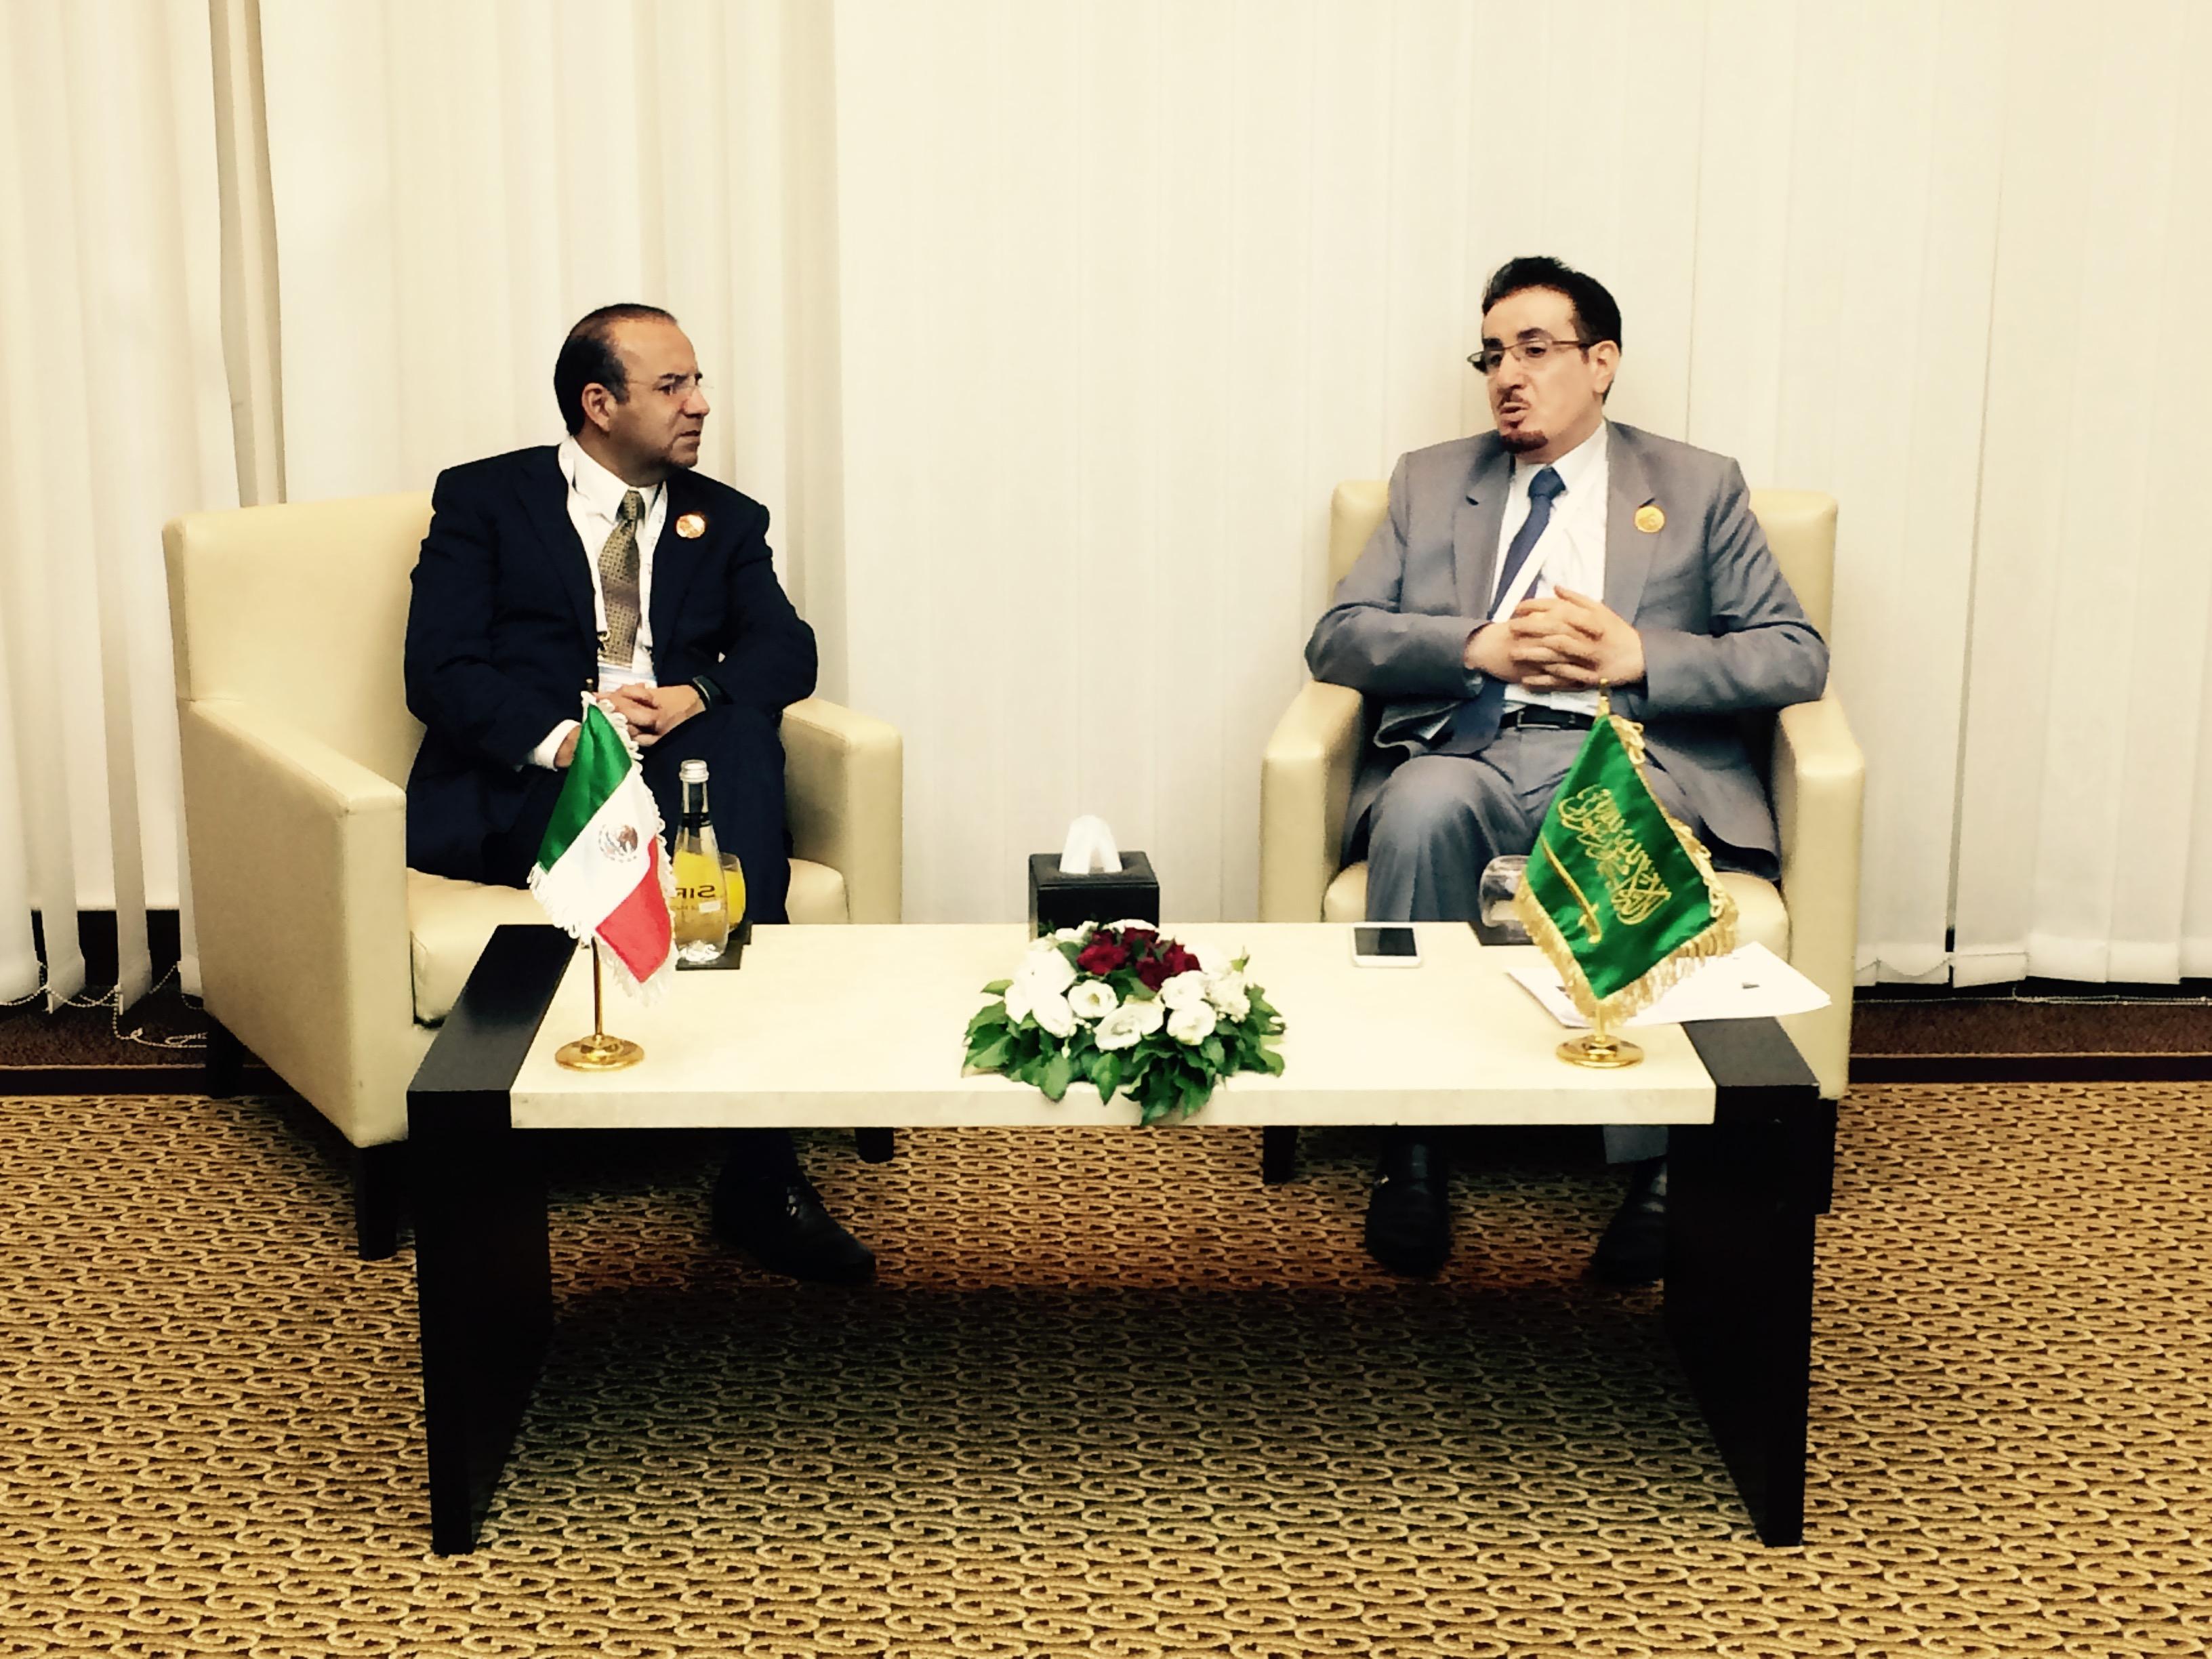 El Secretario Navarrete Prida, durante su reunión con el Ministro de Trabajo de Arabia Saudita, Mufrej al Haqbani.